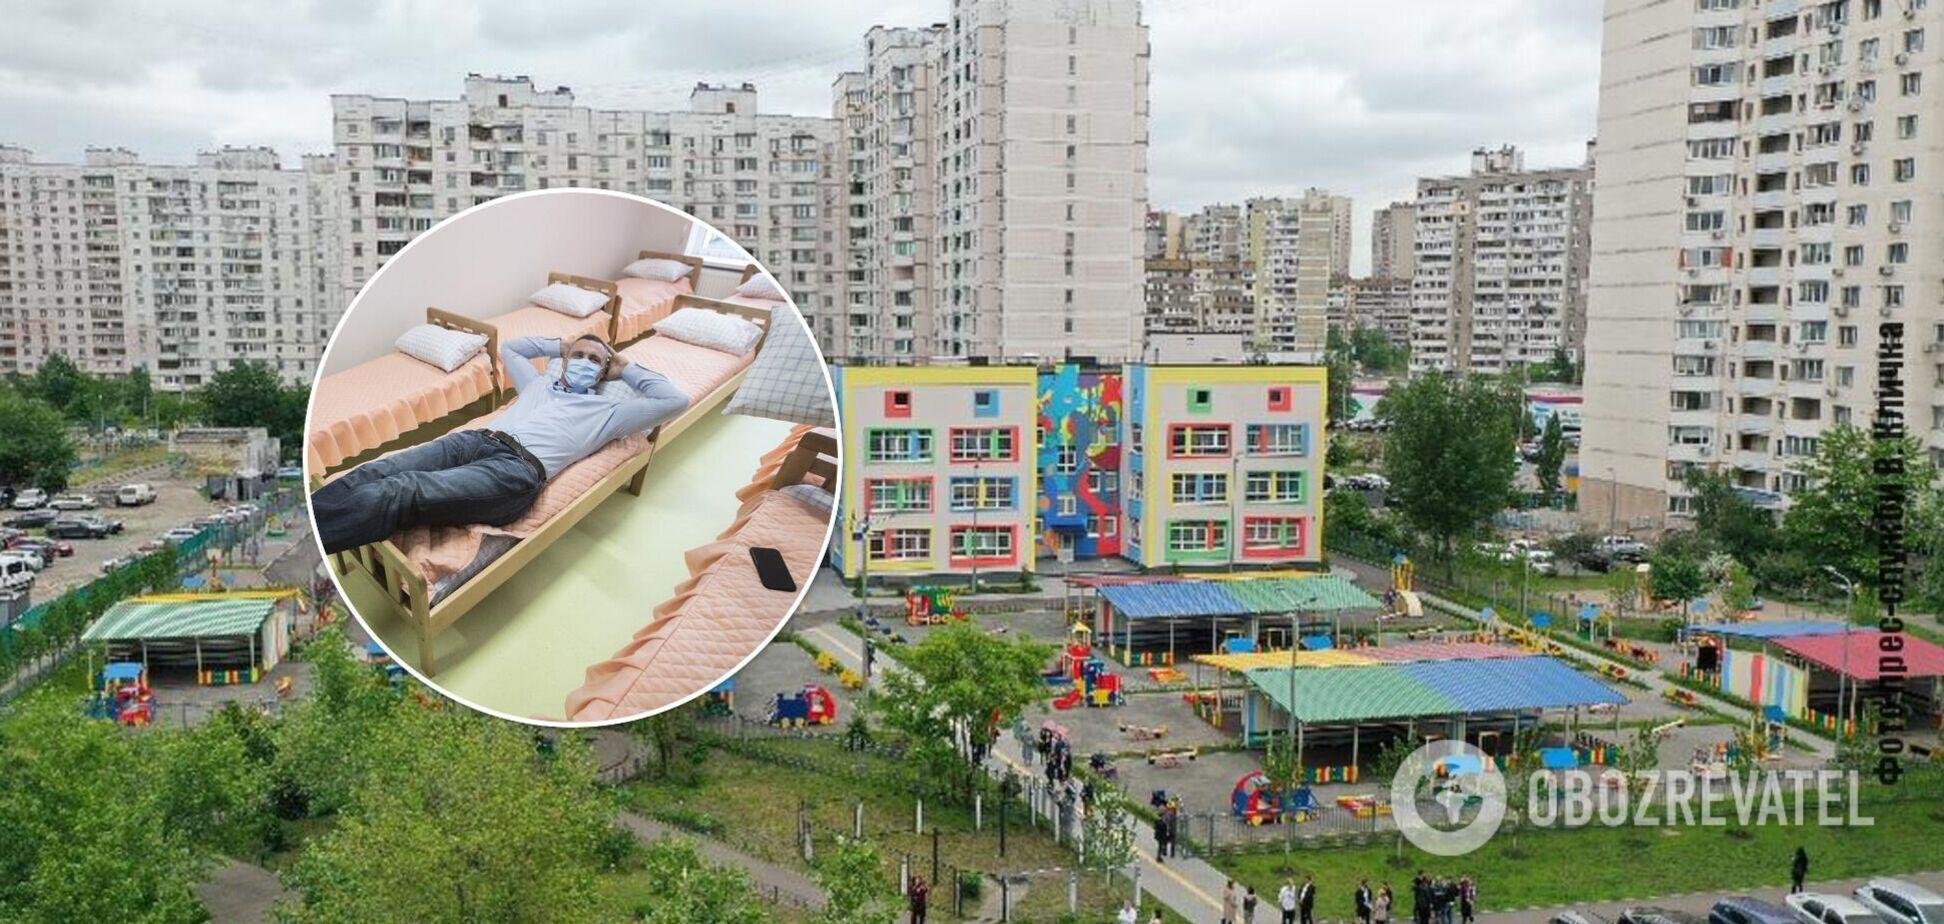 Кличко открыл самый современный детсад в Киеве. Фото